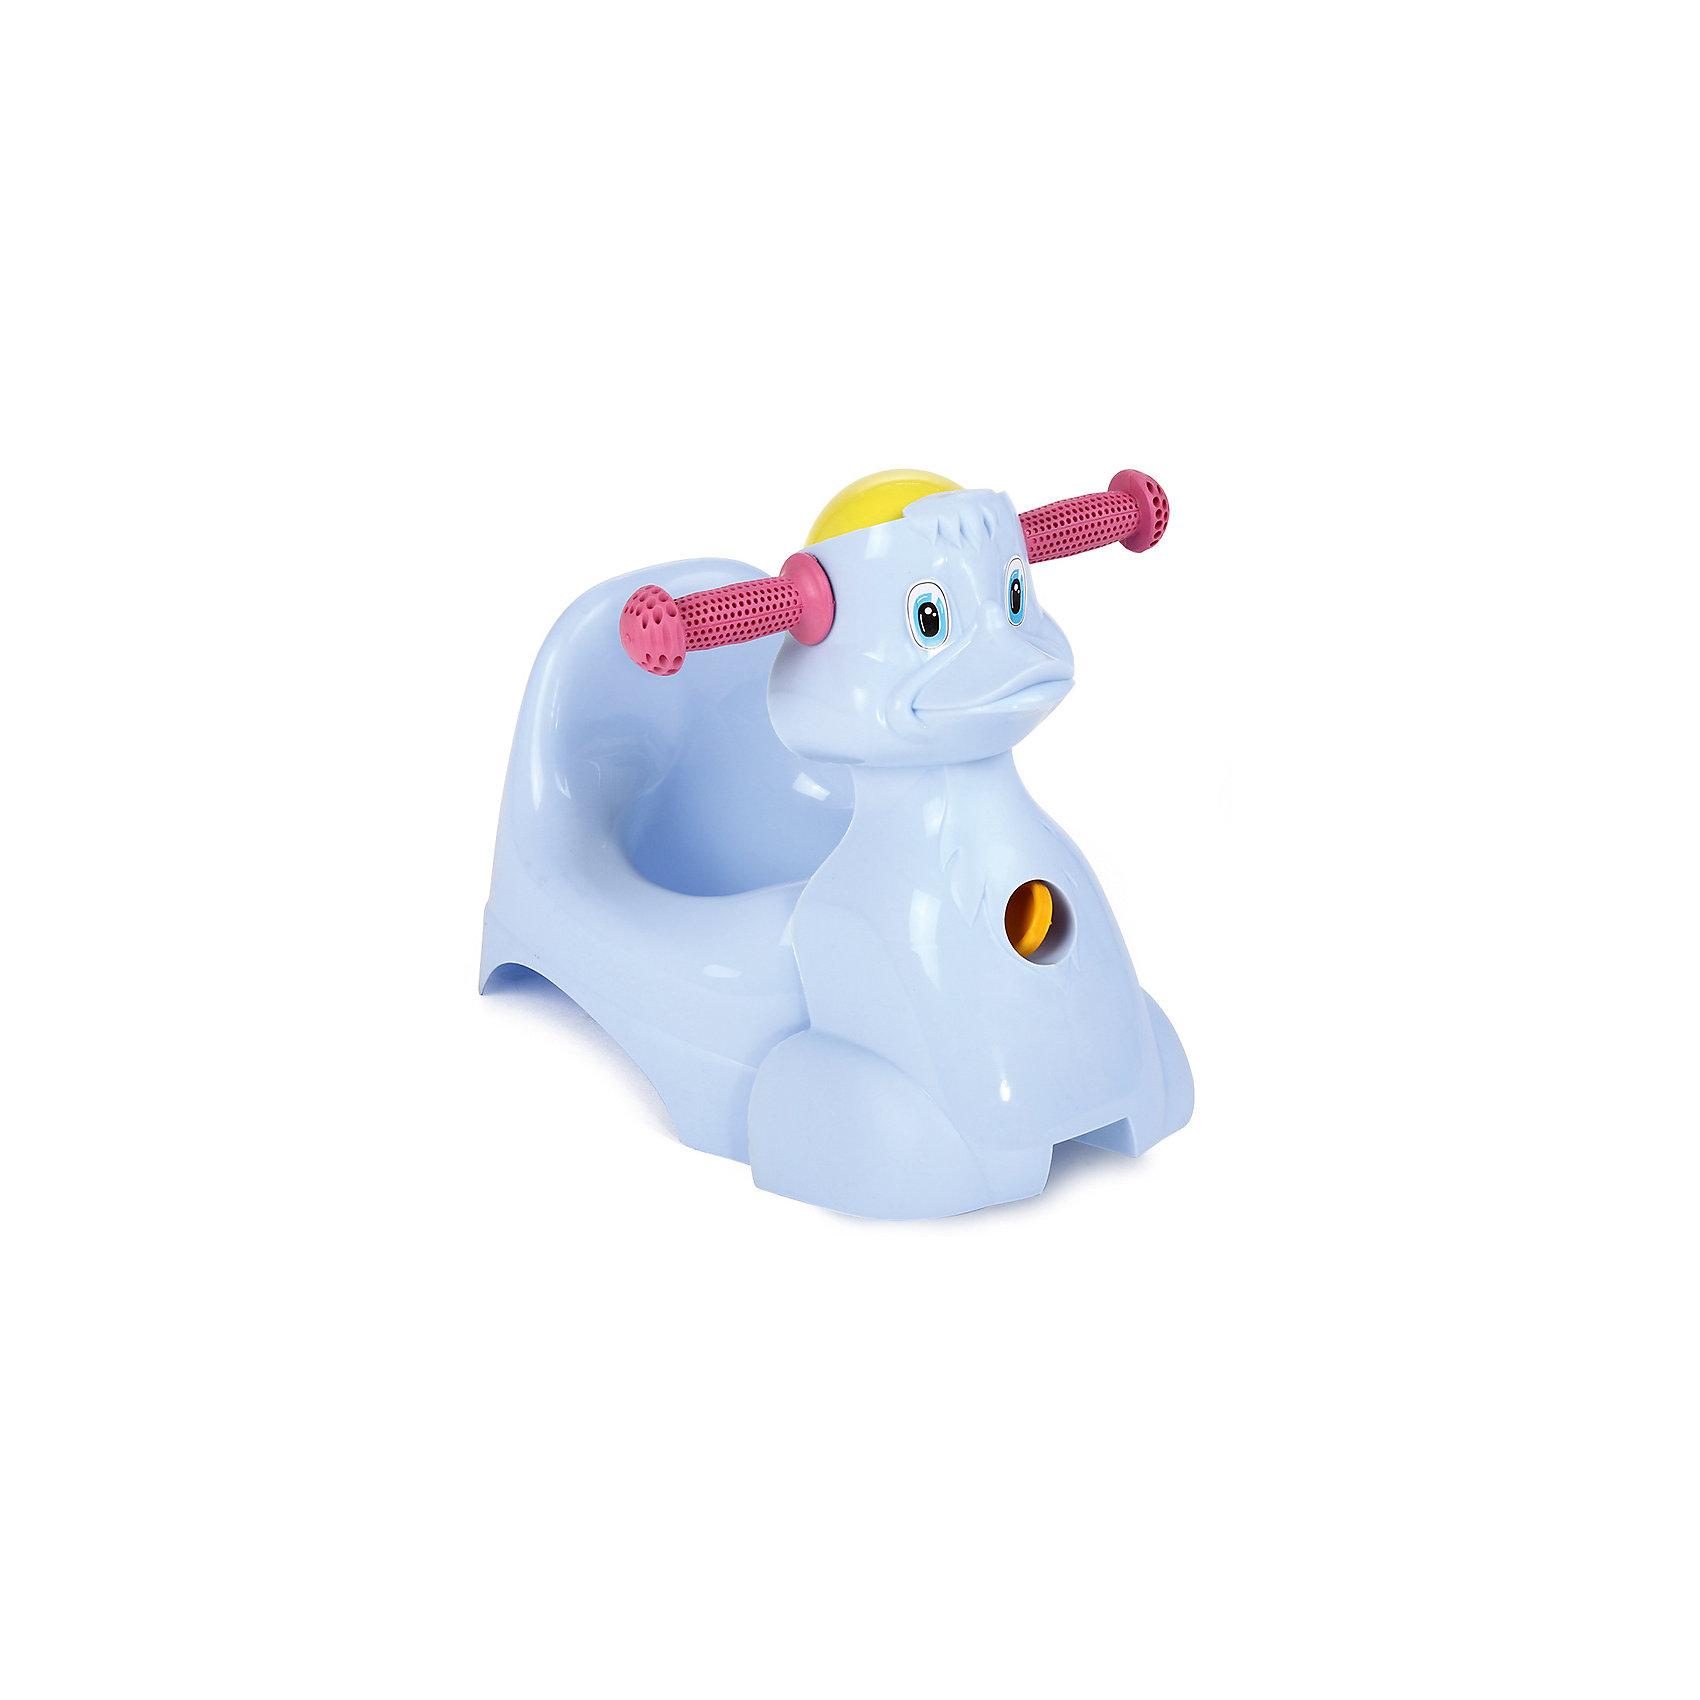 Горшок-игрушка Уточка, Little Angel, голубойГоршок-игрушка Уточка, Little Angel, голубой изготовлен отечественным производителем  из высококачественного экологически безопасного и прочного пластика. Горшок состоит из двух частей: самого горшка и прикрепляющейся к его корпусу игрушки. Игрушка имеет форму уточки с двумя ручками и погремушкой посередине. Сам горшок имеет классическую анатомическую форму, поэтому подходит как для мальчиков, так и для девочек. Горшок отличается высокой устойчивостью, что защищает его от опрокидывания. Кроме того, он достаточно прост в уходе ? легко моется водой. Эксплуатировать горшок можно как с игрушкой, так и без нее.<br><br>Дополнительная информация:<br><br>- Предназначение: для дома<br>- Цвет: голубой<br>- Пол: для мальчика<br>- Материал: пластик<br>- Размер (Д*Ш*В): 43,5*29*33 см<br>- Вес: 782 г<br>- Особенности ухода: разрешается мыть<br><br>Подробнее:<br><br>• Для детей в возрасте: от 0 лет и до 3 лет<br>• Страна производитель: Россия<br>• Торговый бренд: Little Angel<br><br>Горшок-игрушка Уточка, Little Angel, голубой можно купить в нашем интернет-магазине.<br><br>Ширина мм: 465<br>Глубина мм: 290<br>Высота мм: 330<br>Вес г: 700<br>Возраст от месяцев: -2147483648<br>Возраст до месяцев: 2147483647<br>Пол: Мужской<br>Возраст: Детский<br>SKU: 3946081